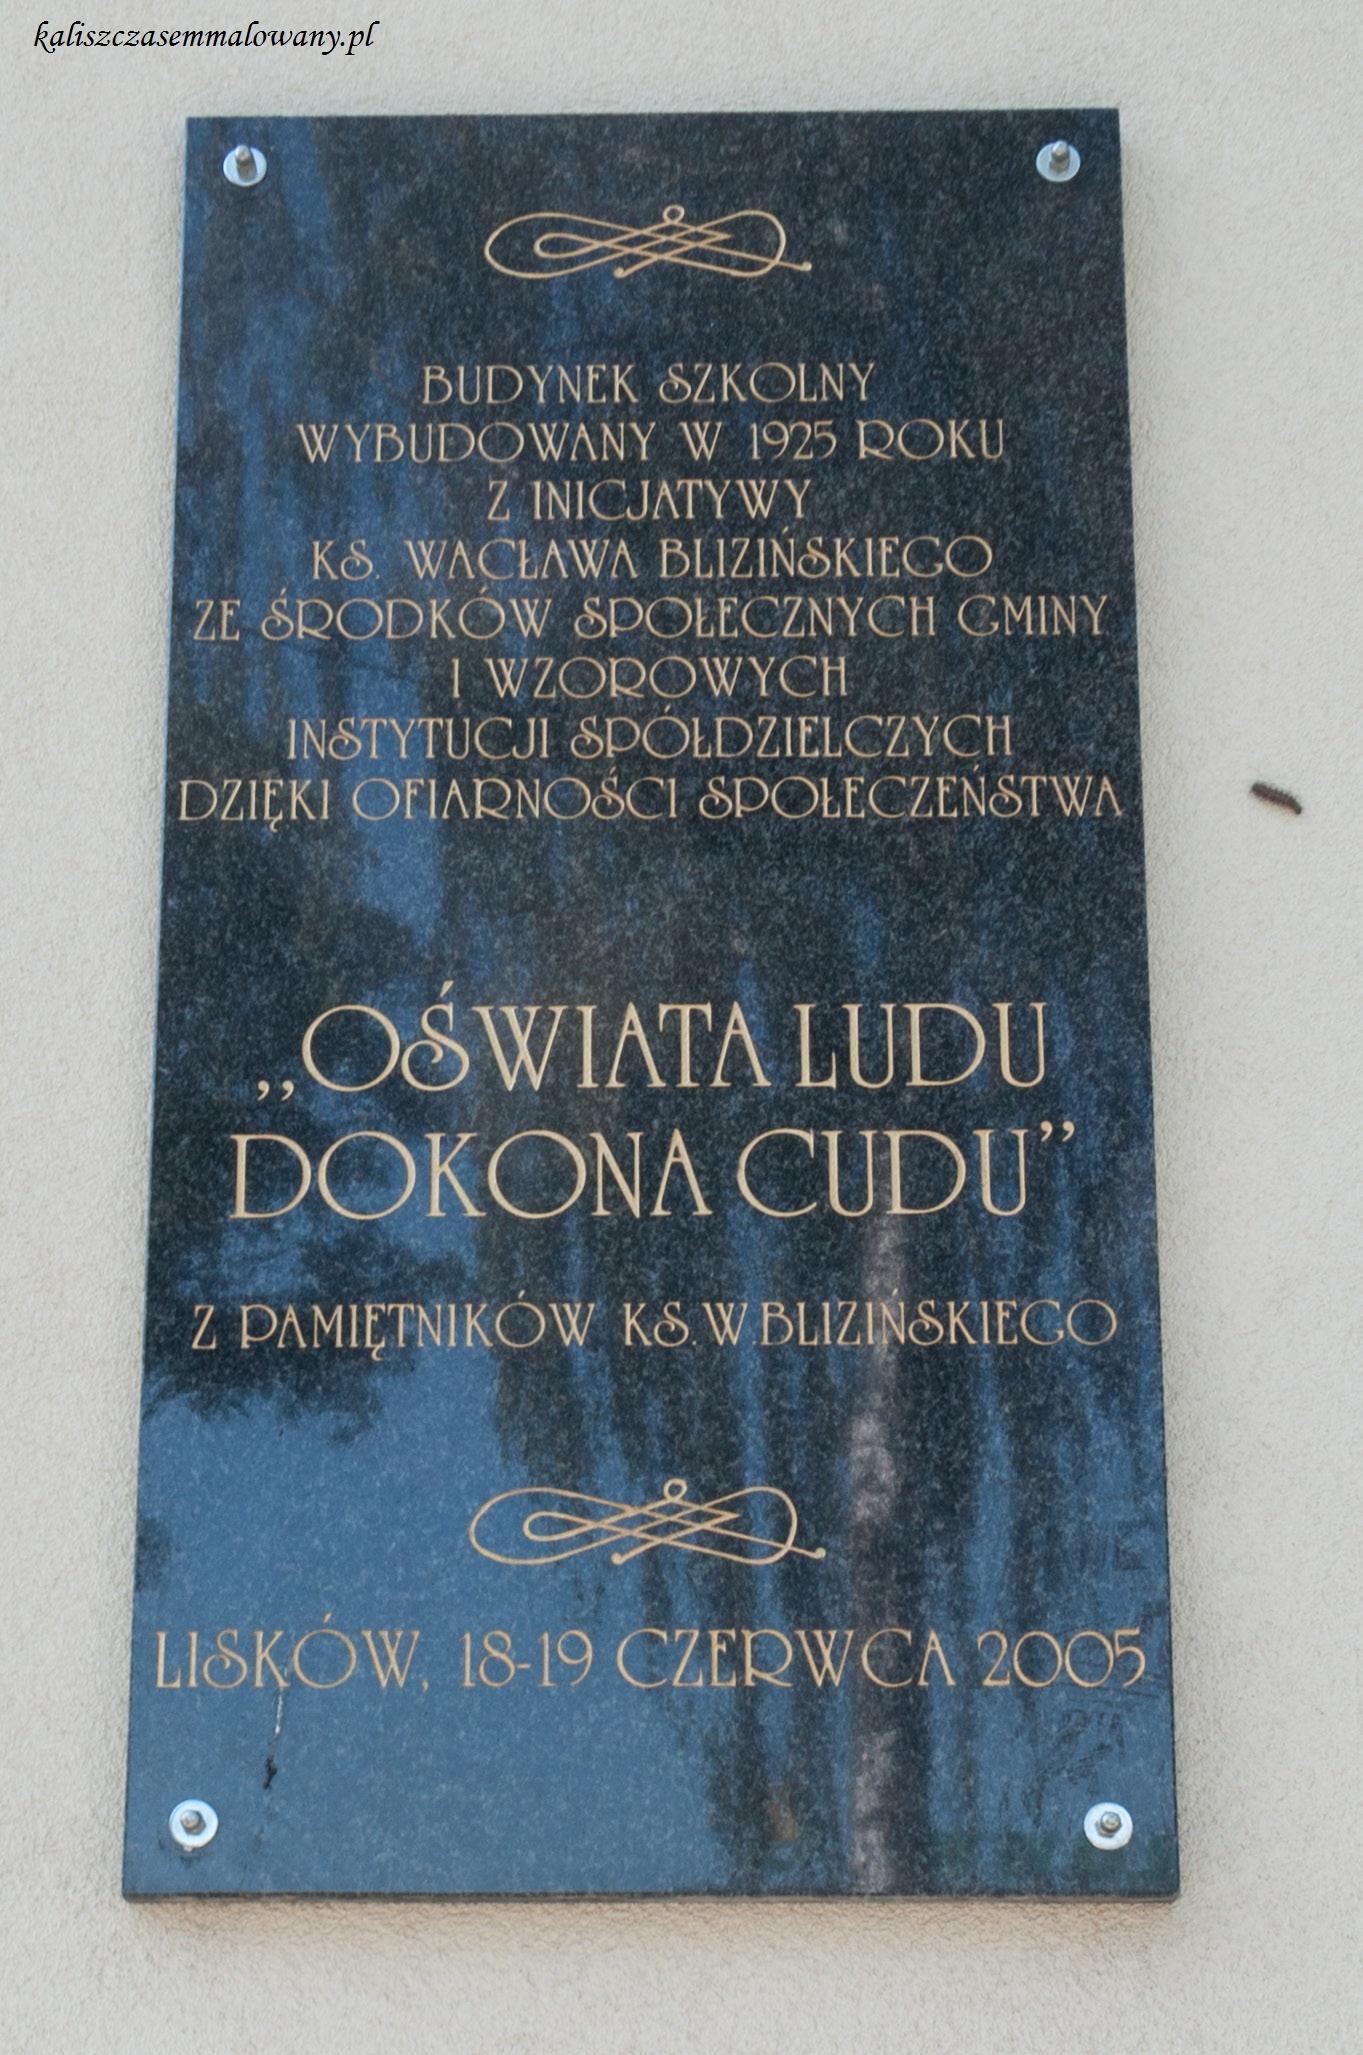 DSC_7680